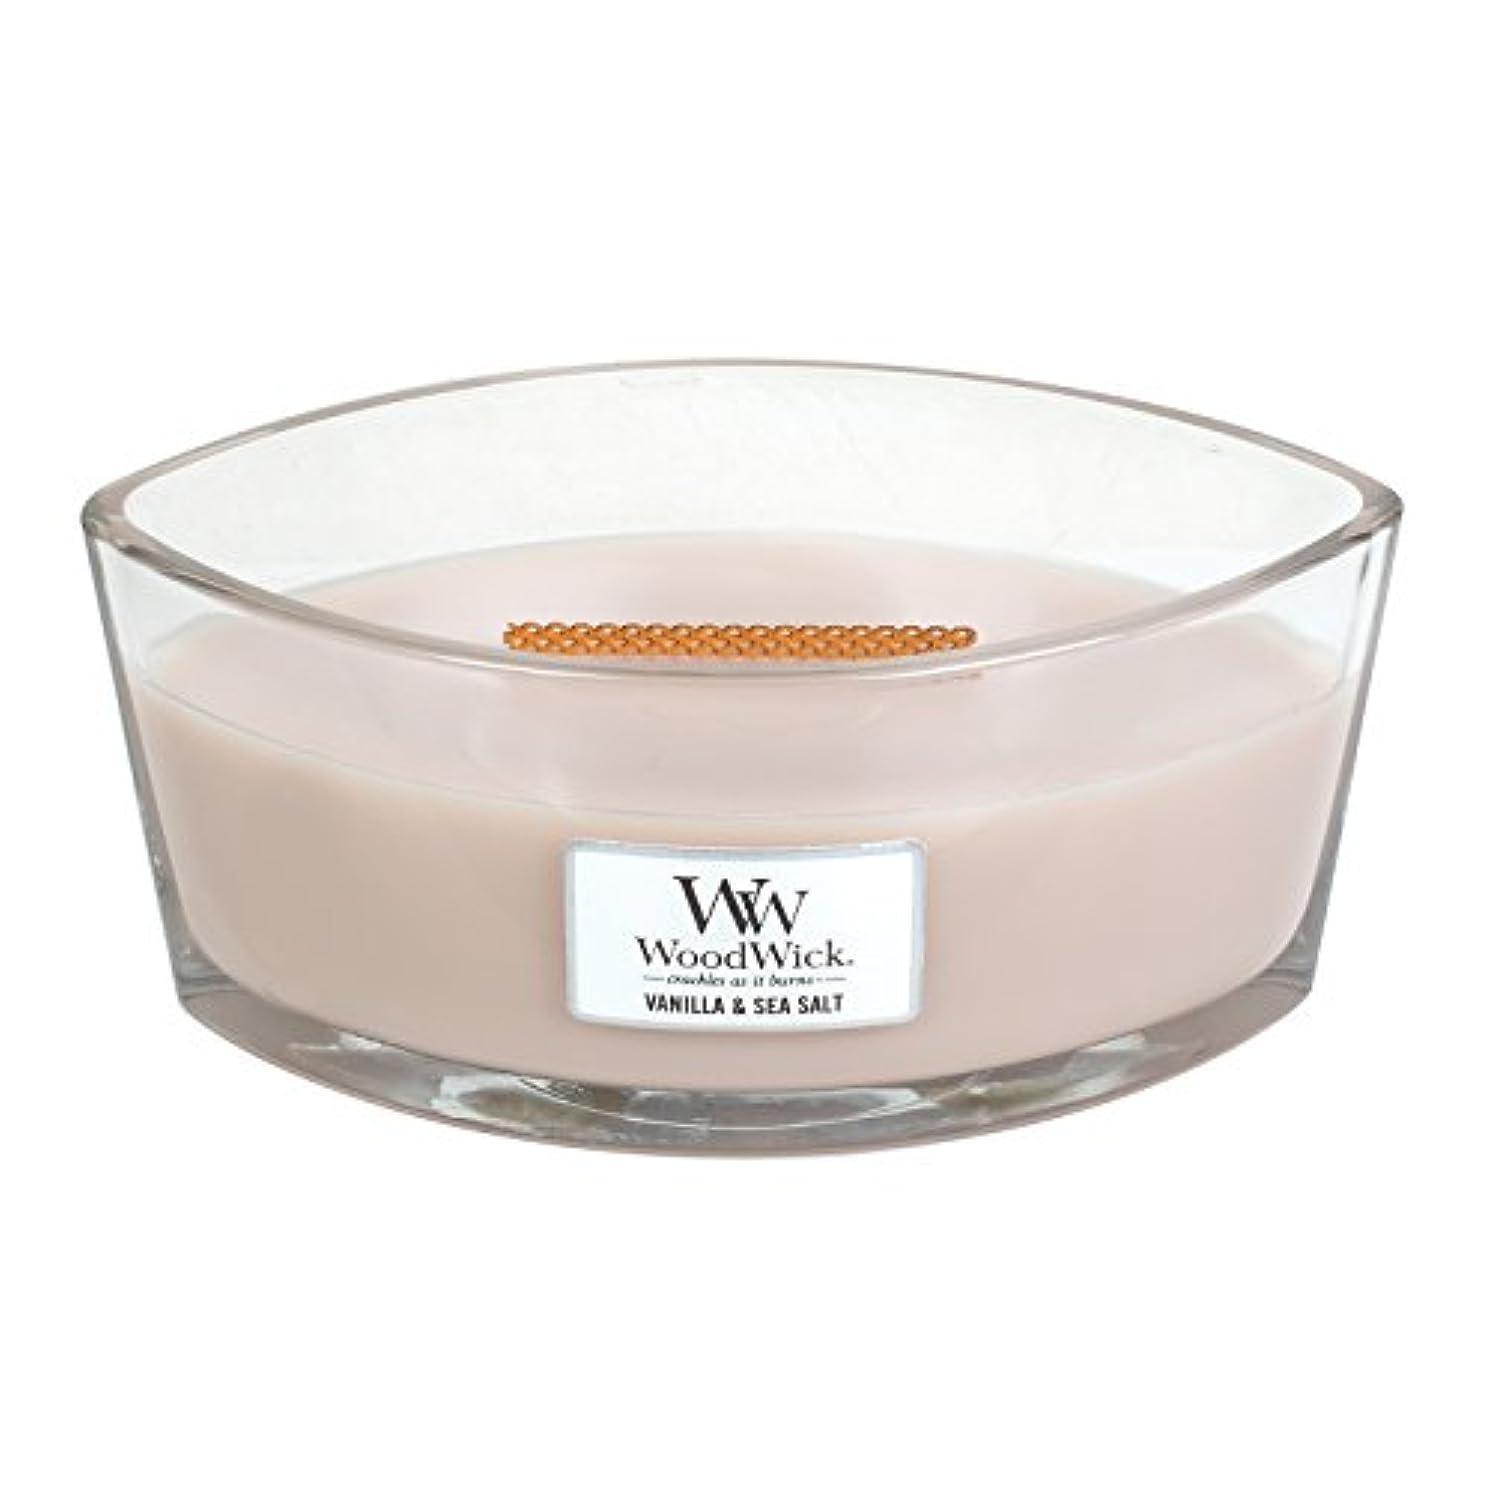 運動するの頭の上恐れるWoodWick VANILLA & SEA SALT, Highly Scented Candle, Ellipse Glass Jar with Original HearthWick Flame, Large 18cm...